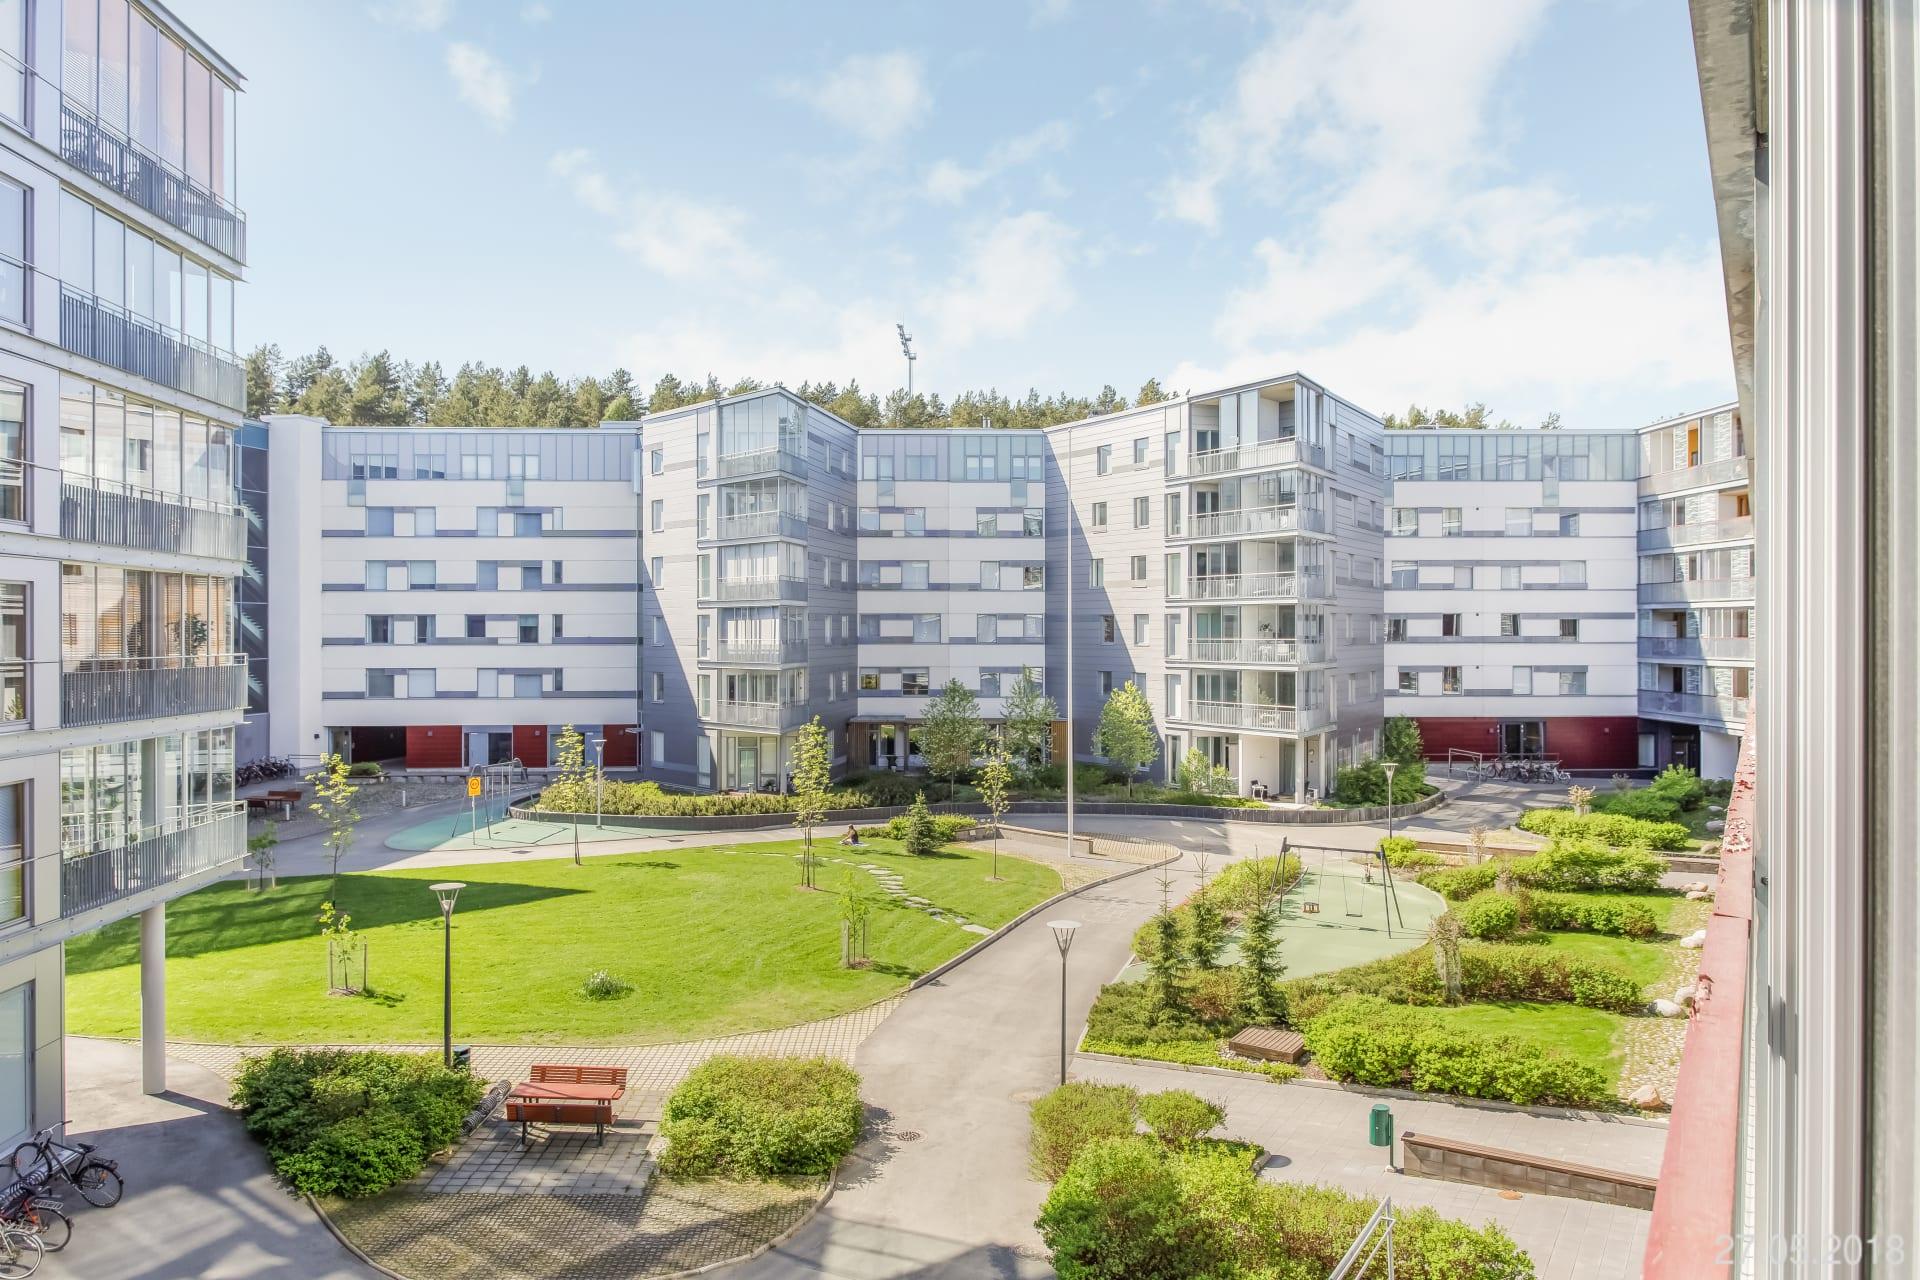 Väinönkatu 7 Jyväskylä